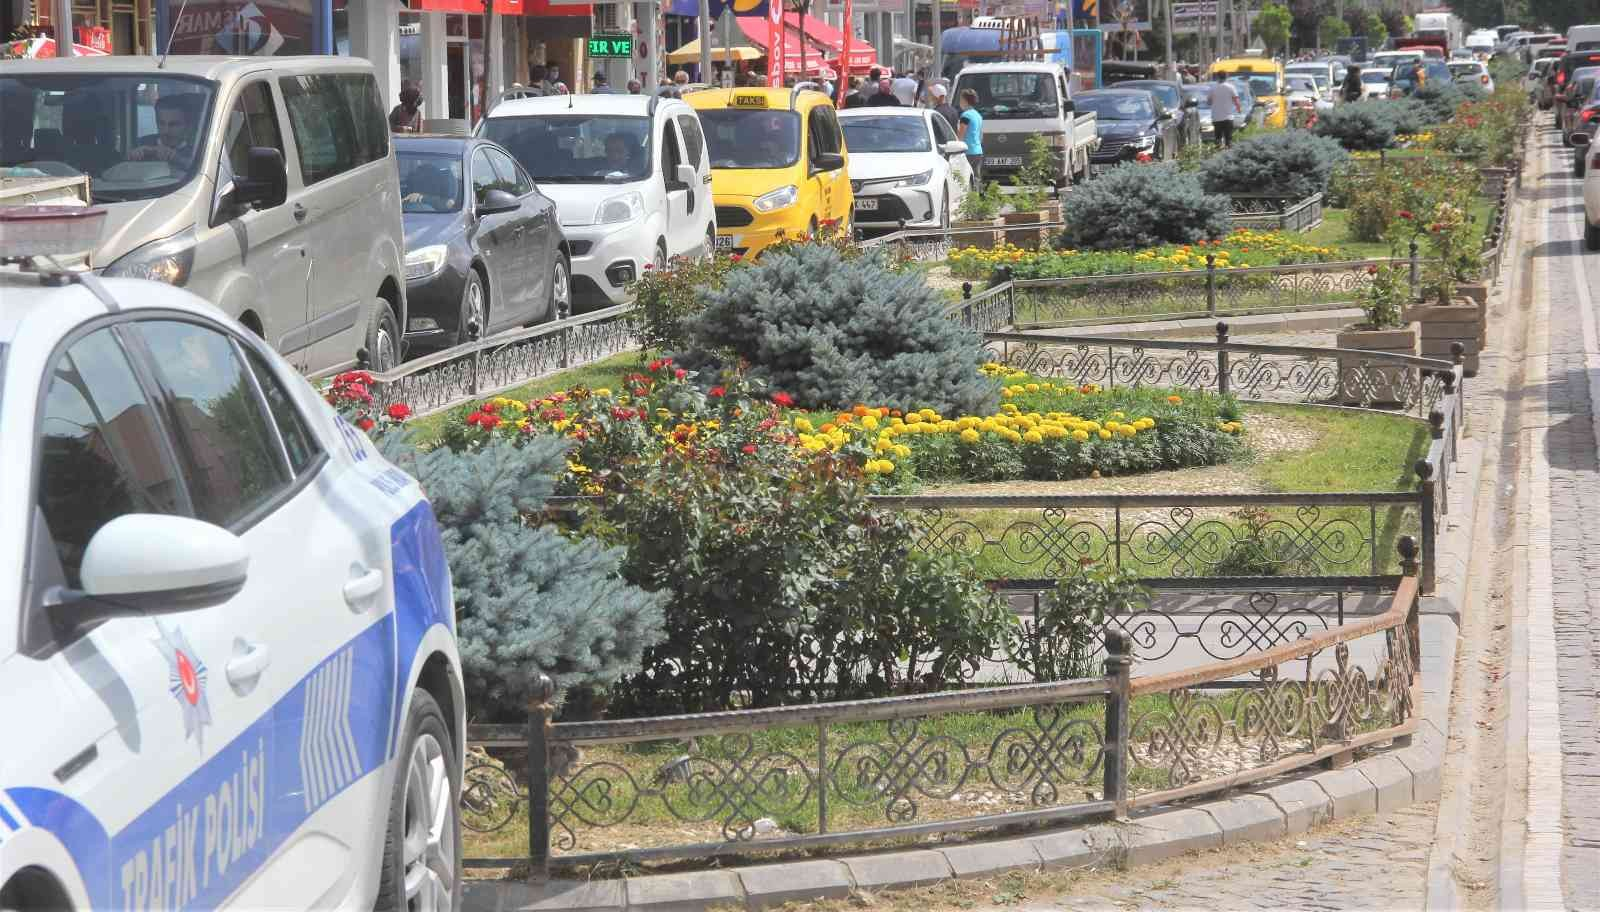 Bayburt'ta trafiğe kayıtlı araç sayısı 16 bin 205 oldu #bayburt